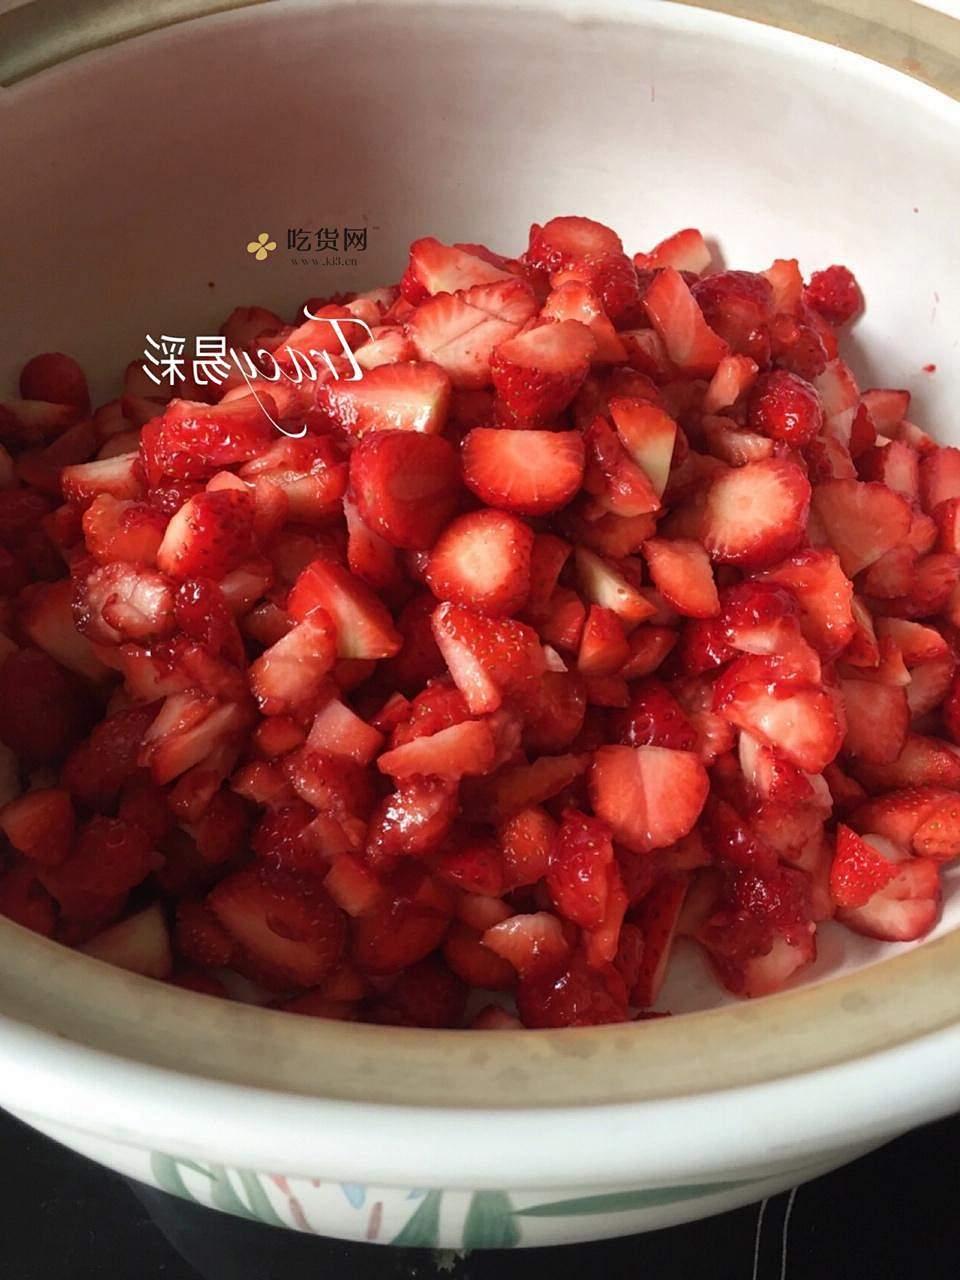 自制草莓酱的做法 步骤1